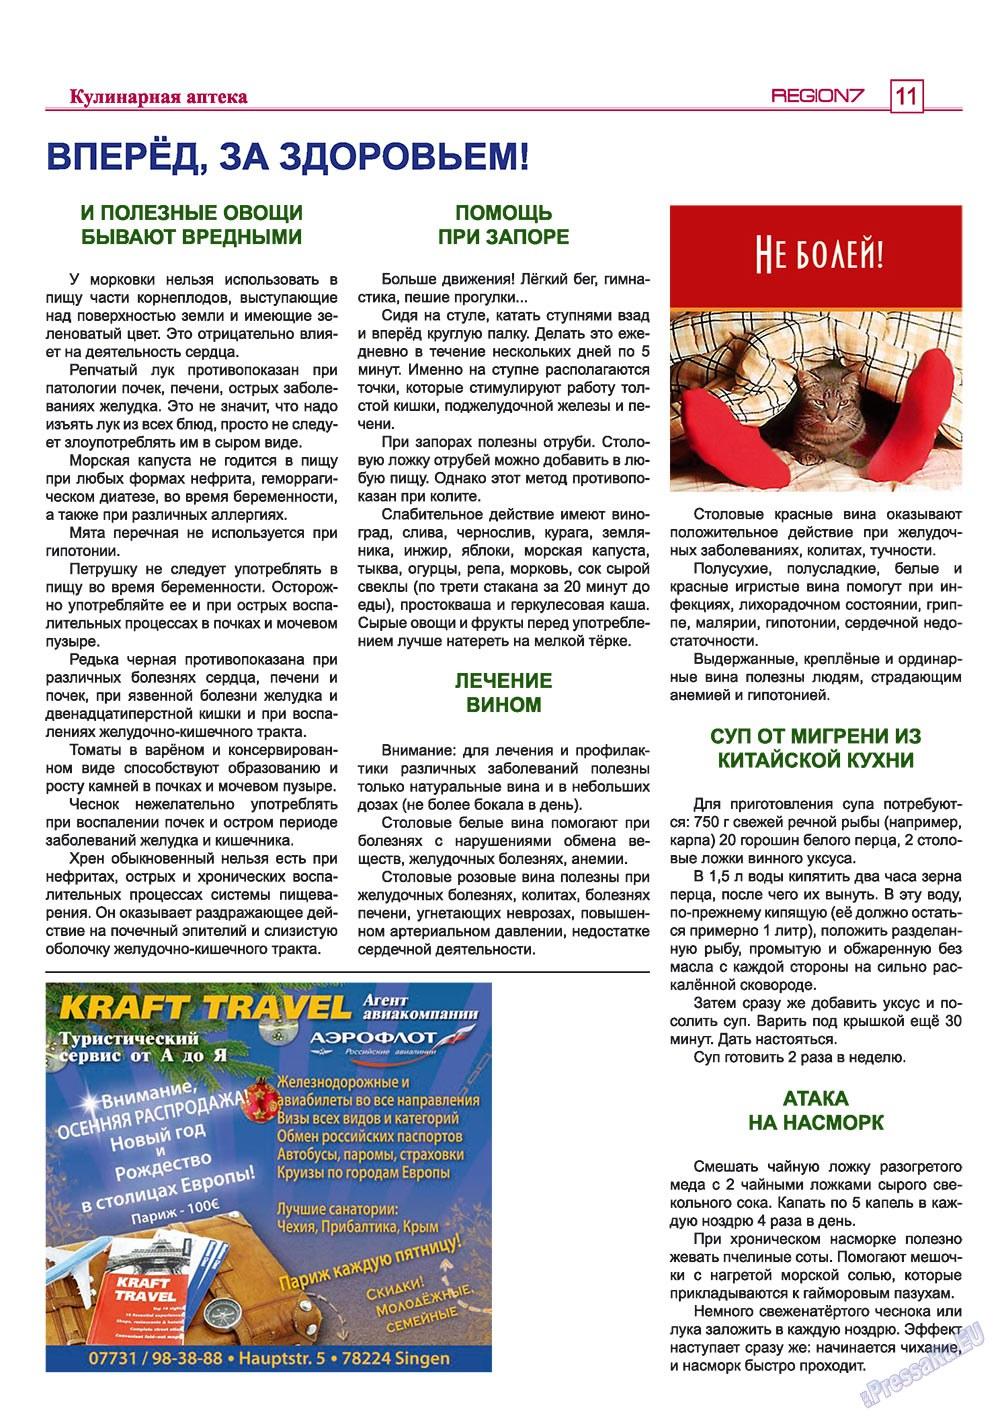 Регион (журнал). 2009 год, номер 5, стр. 11